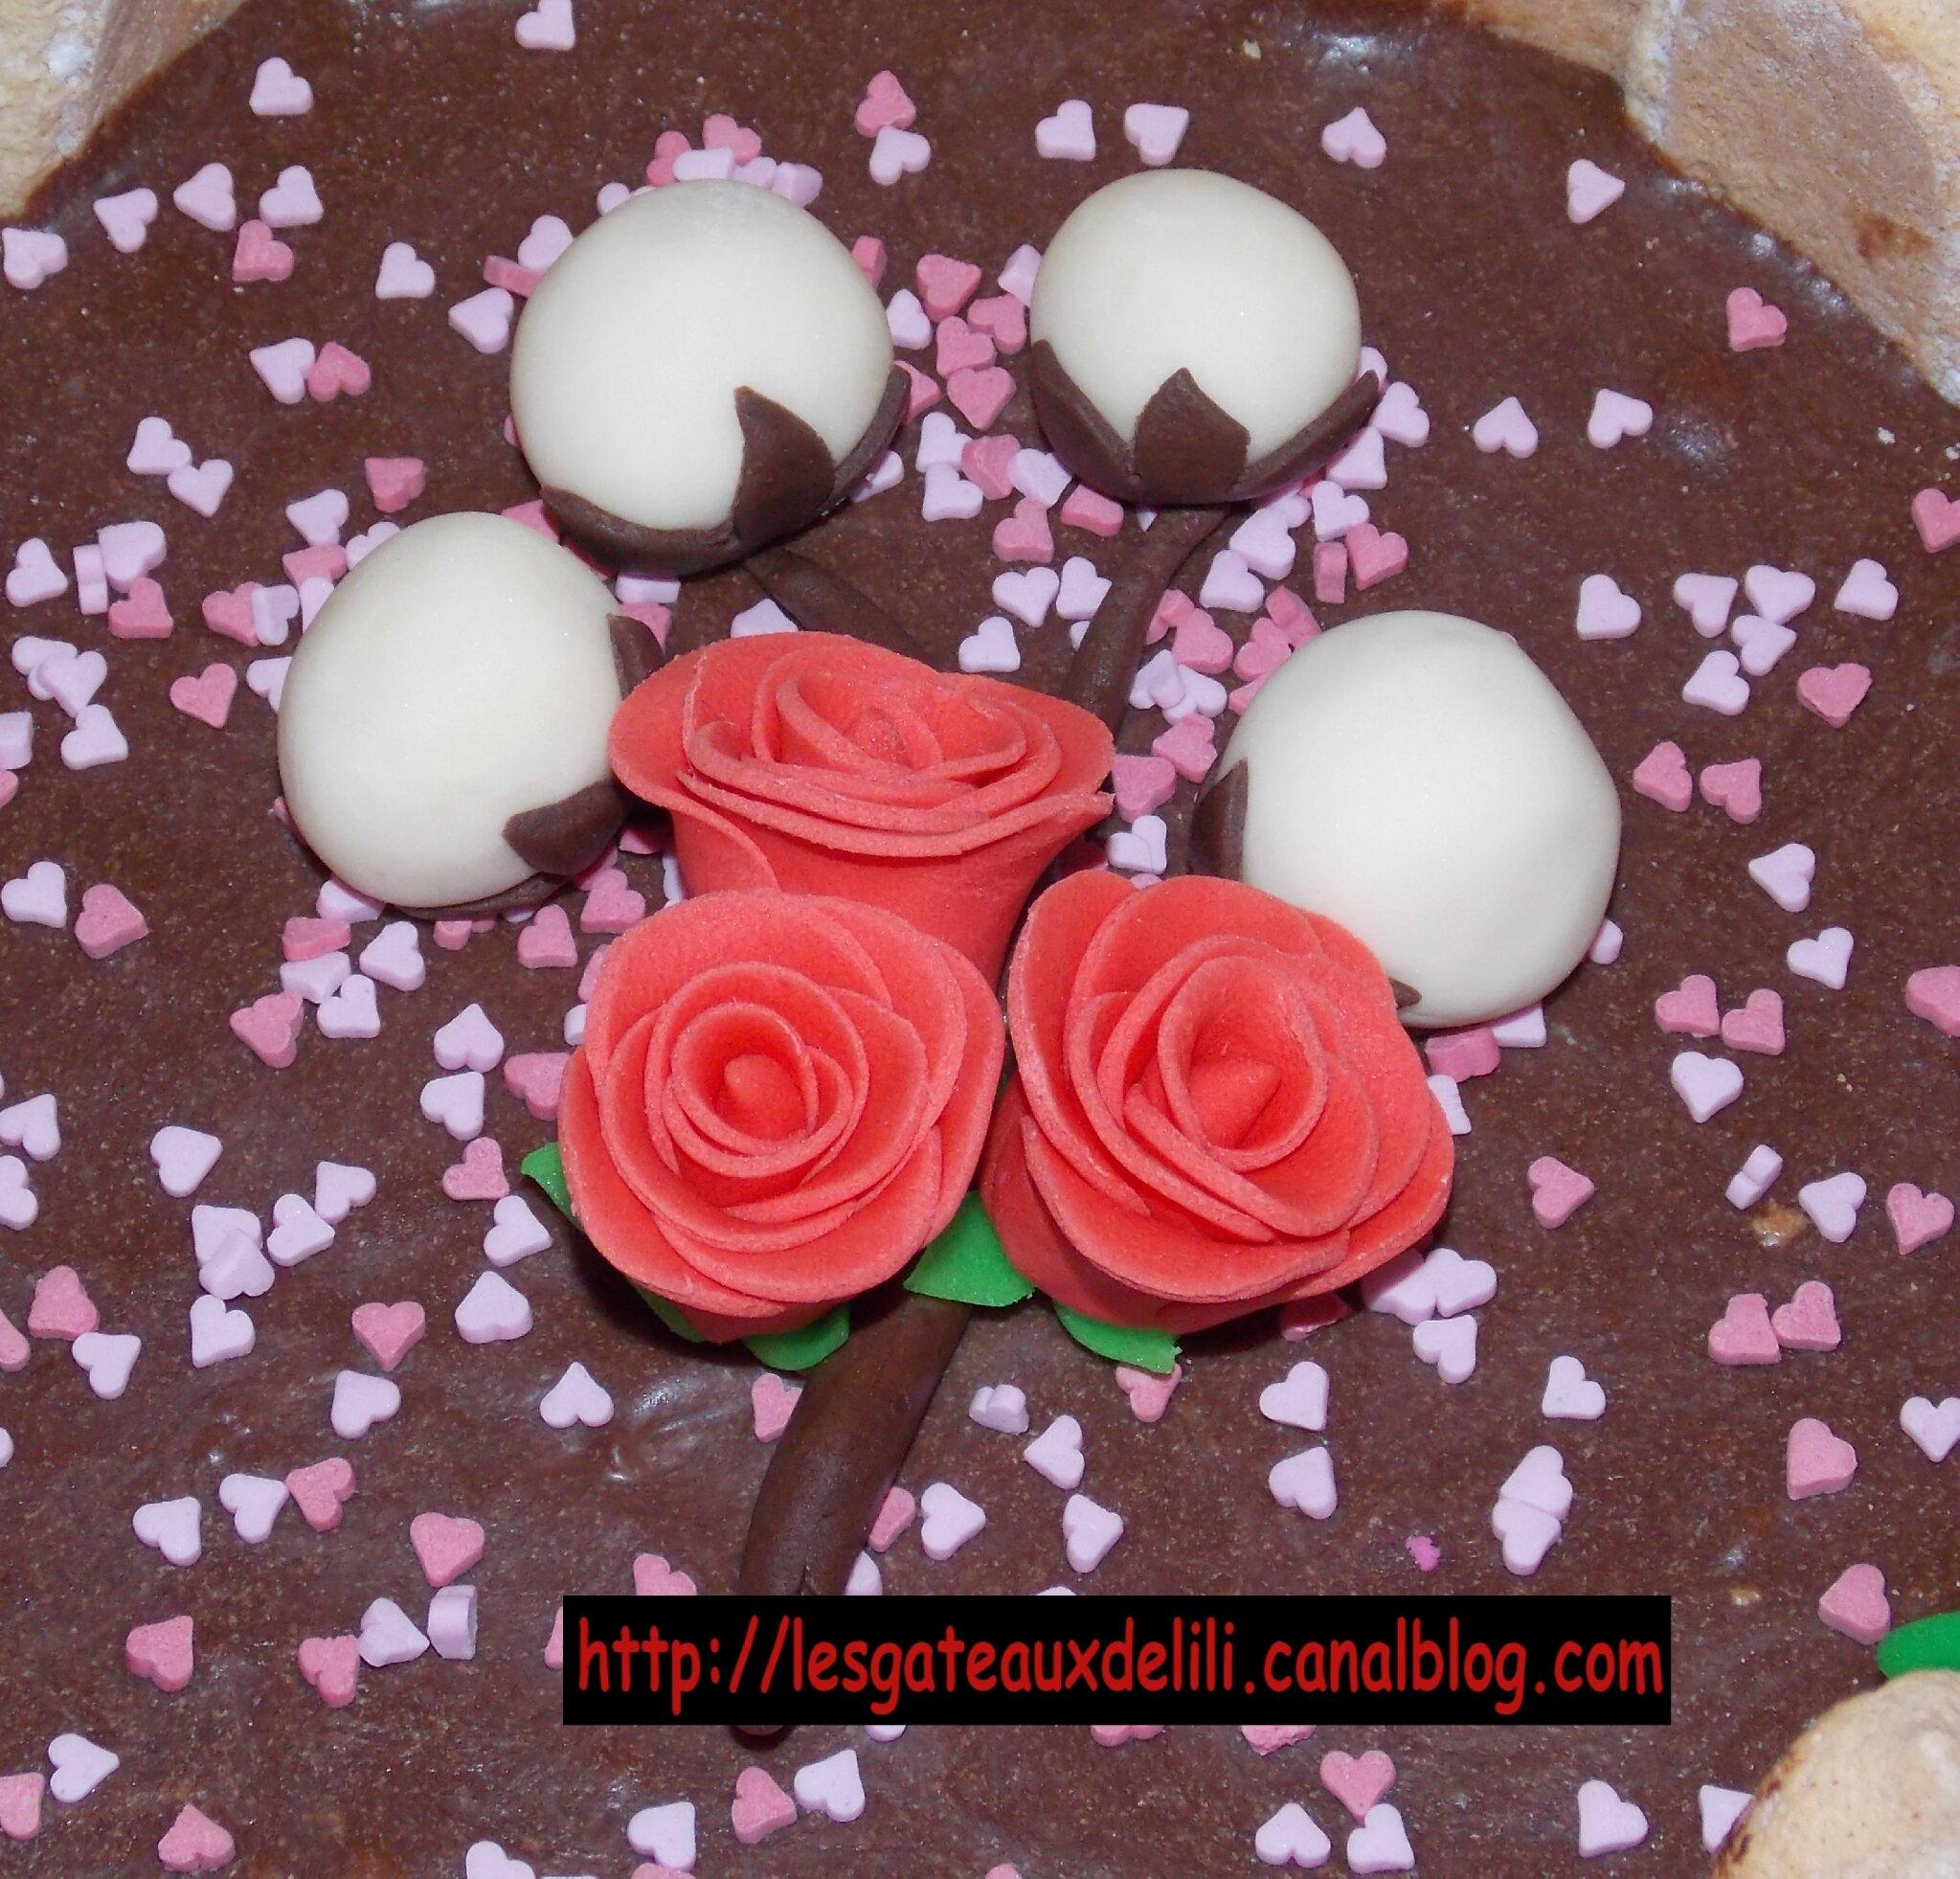 Noces de coton 1er ann e de mariage les g teaux de lili et autres gourmandises - 17 ans de mariage noces de saphir ...